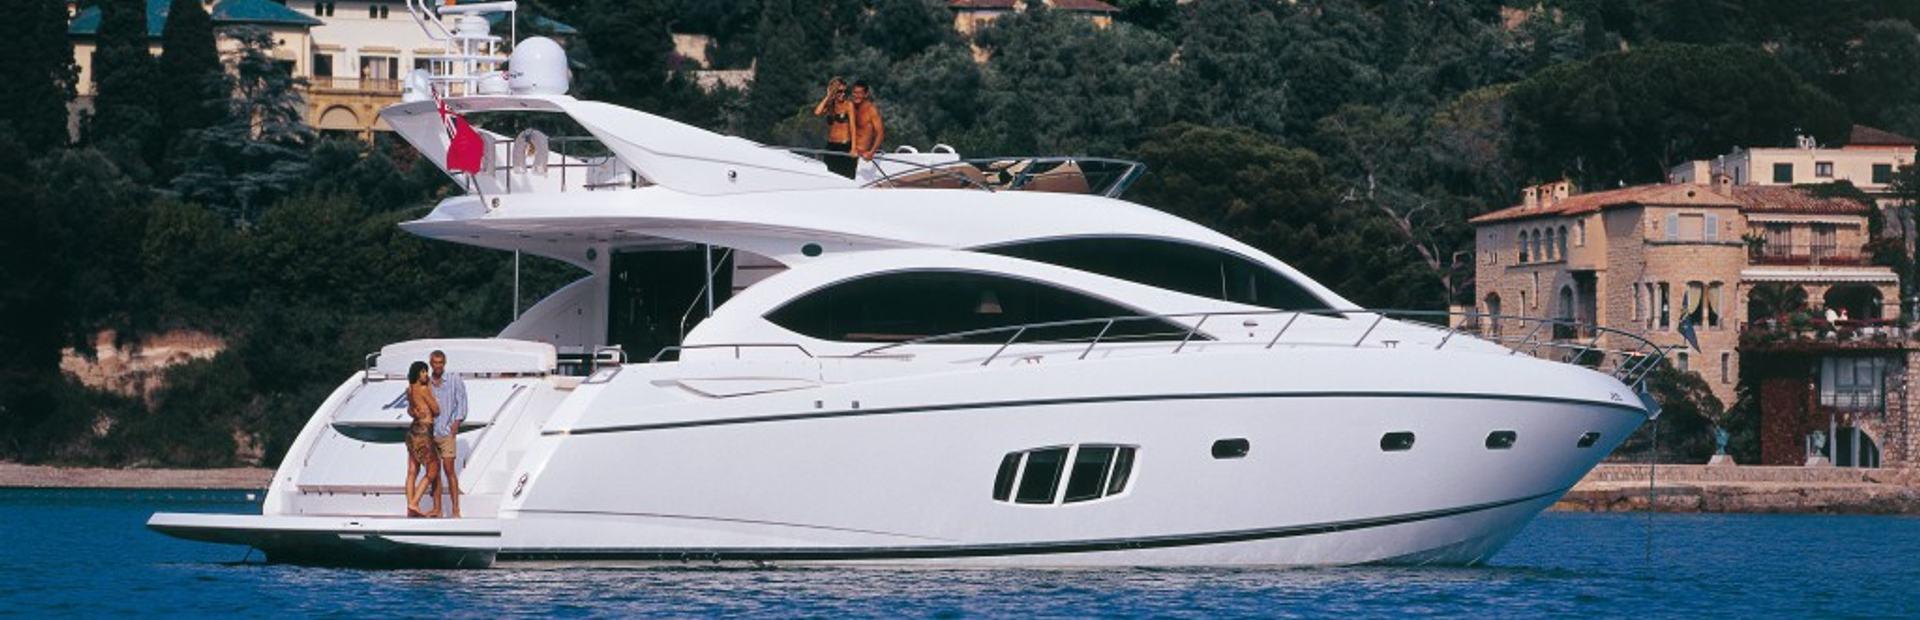 Manhattan 70 Yacht Charter